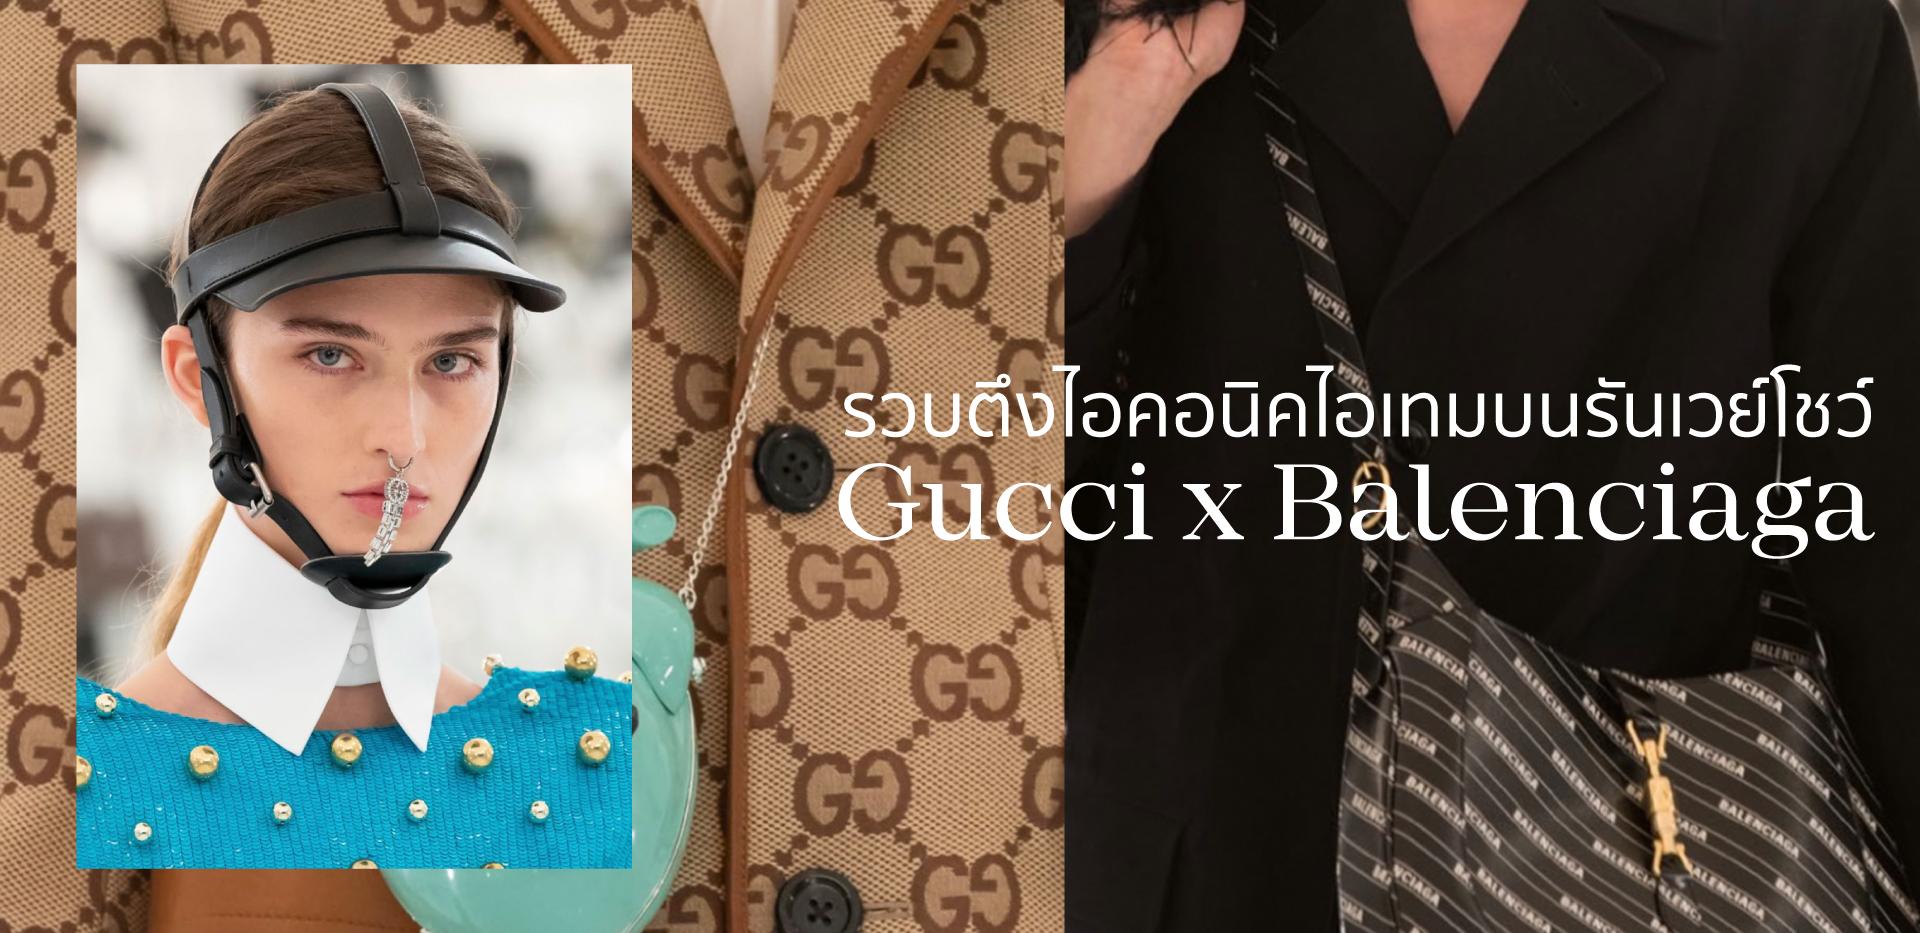 รวบตึงไอคอนิคไอเทมบนรันเวย์โชว์ Gucci x Balenciaga